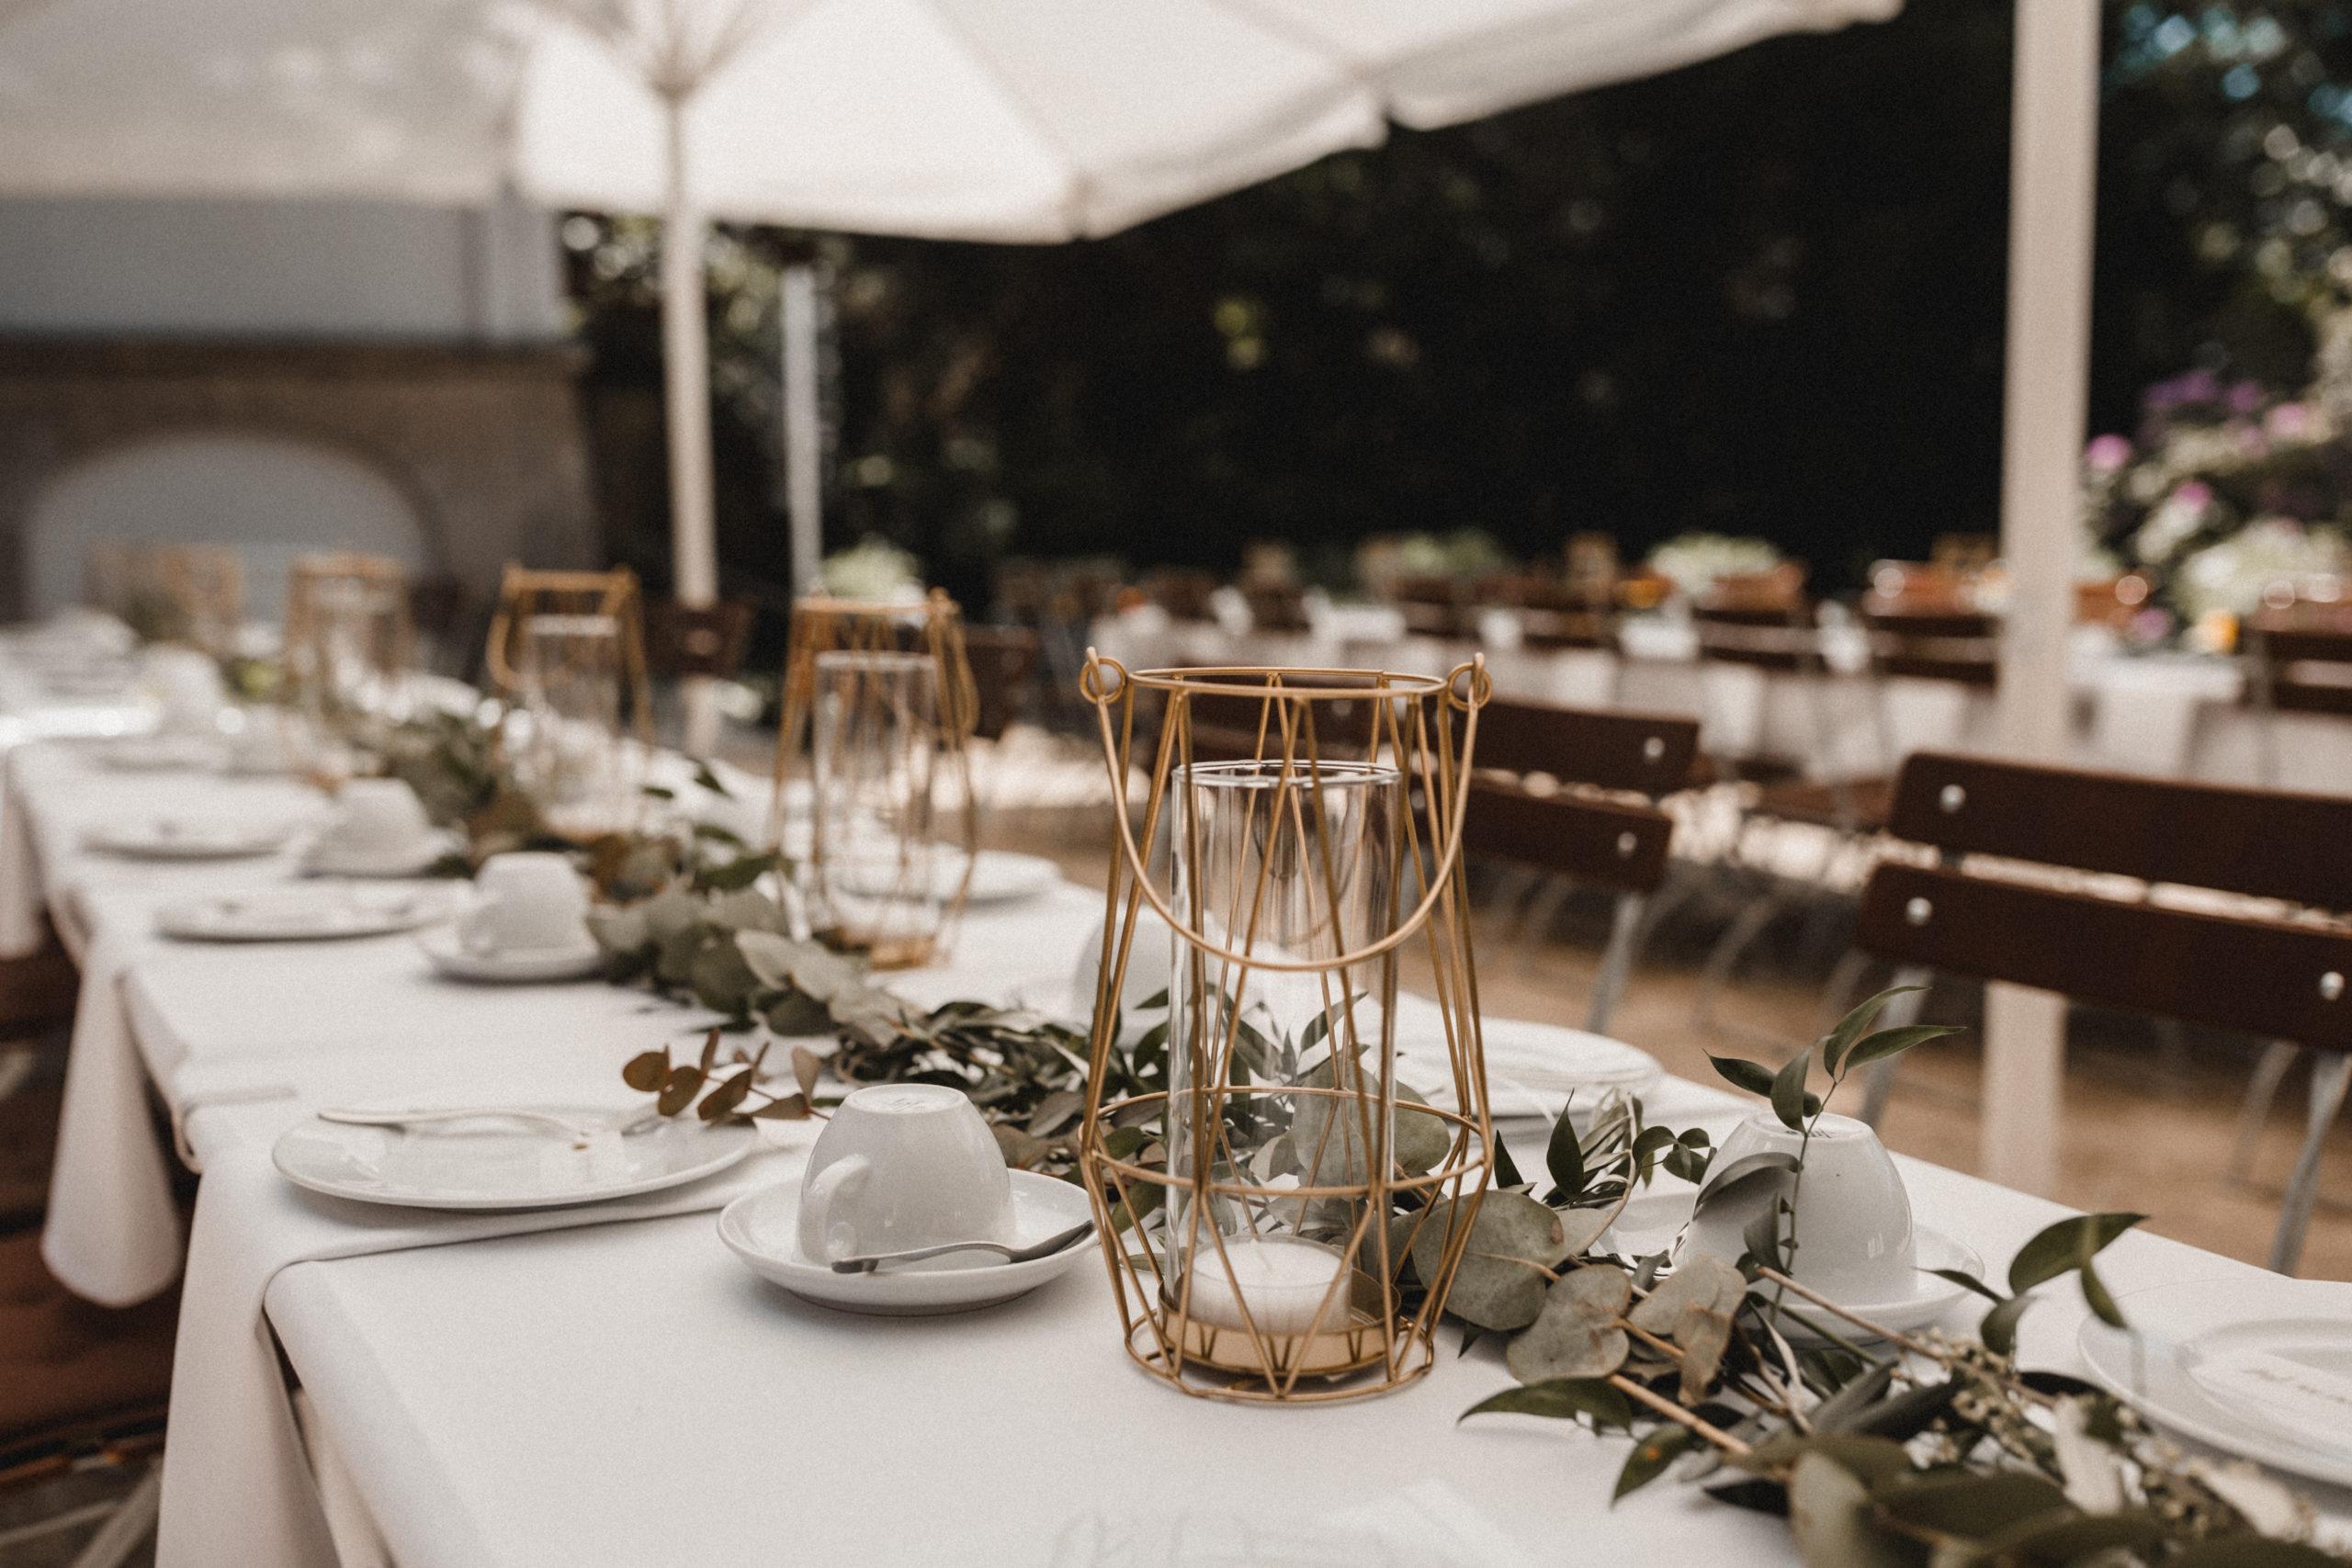 Zum Kaffee sollte es zwei lange Tafeln mit einer Eucalyptus-Oliven Girlande mit goldenen Elementen geben